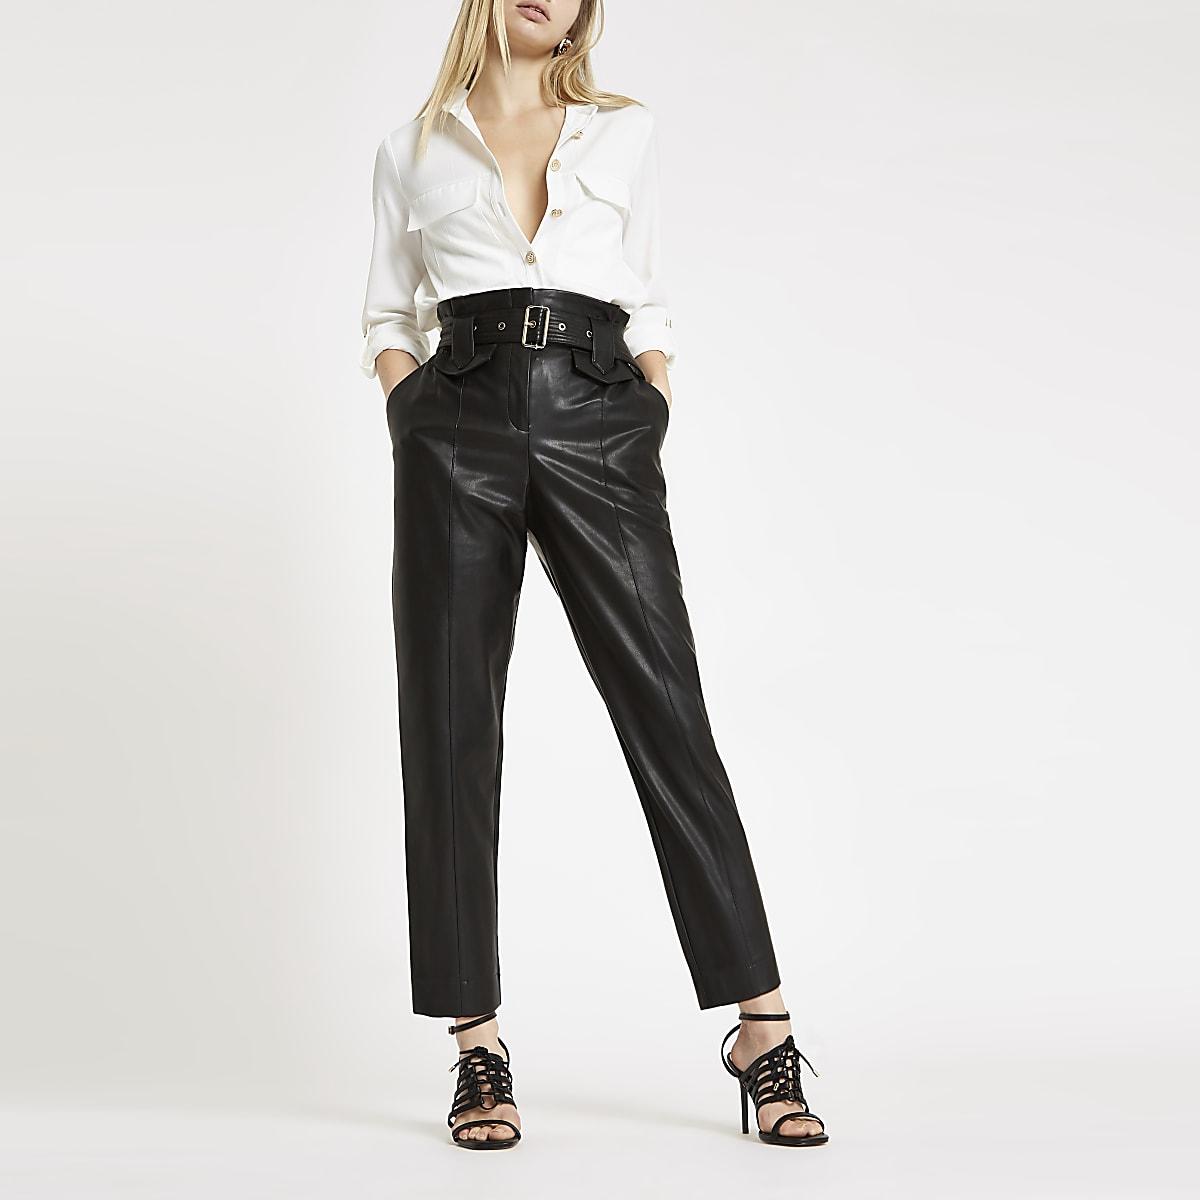 Zwarte smaltoelopende broek van imitatieleer met geplooide taille